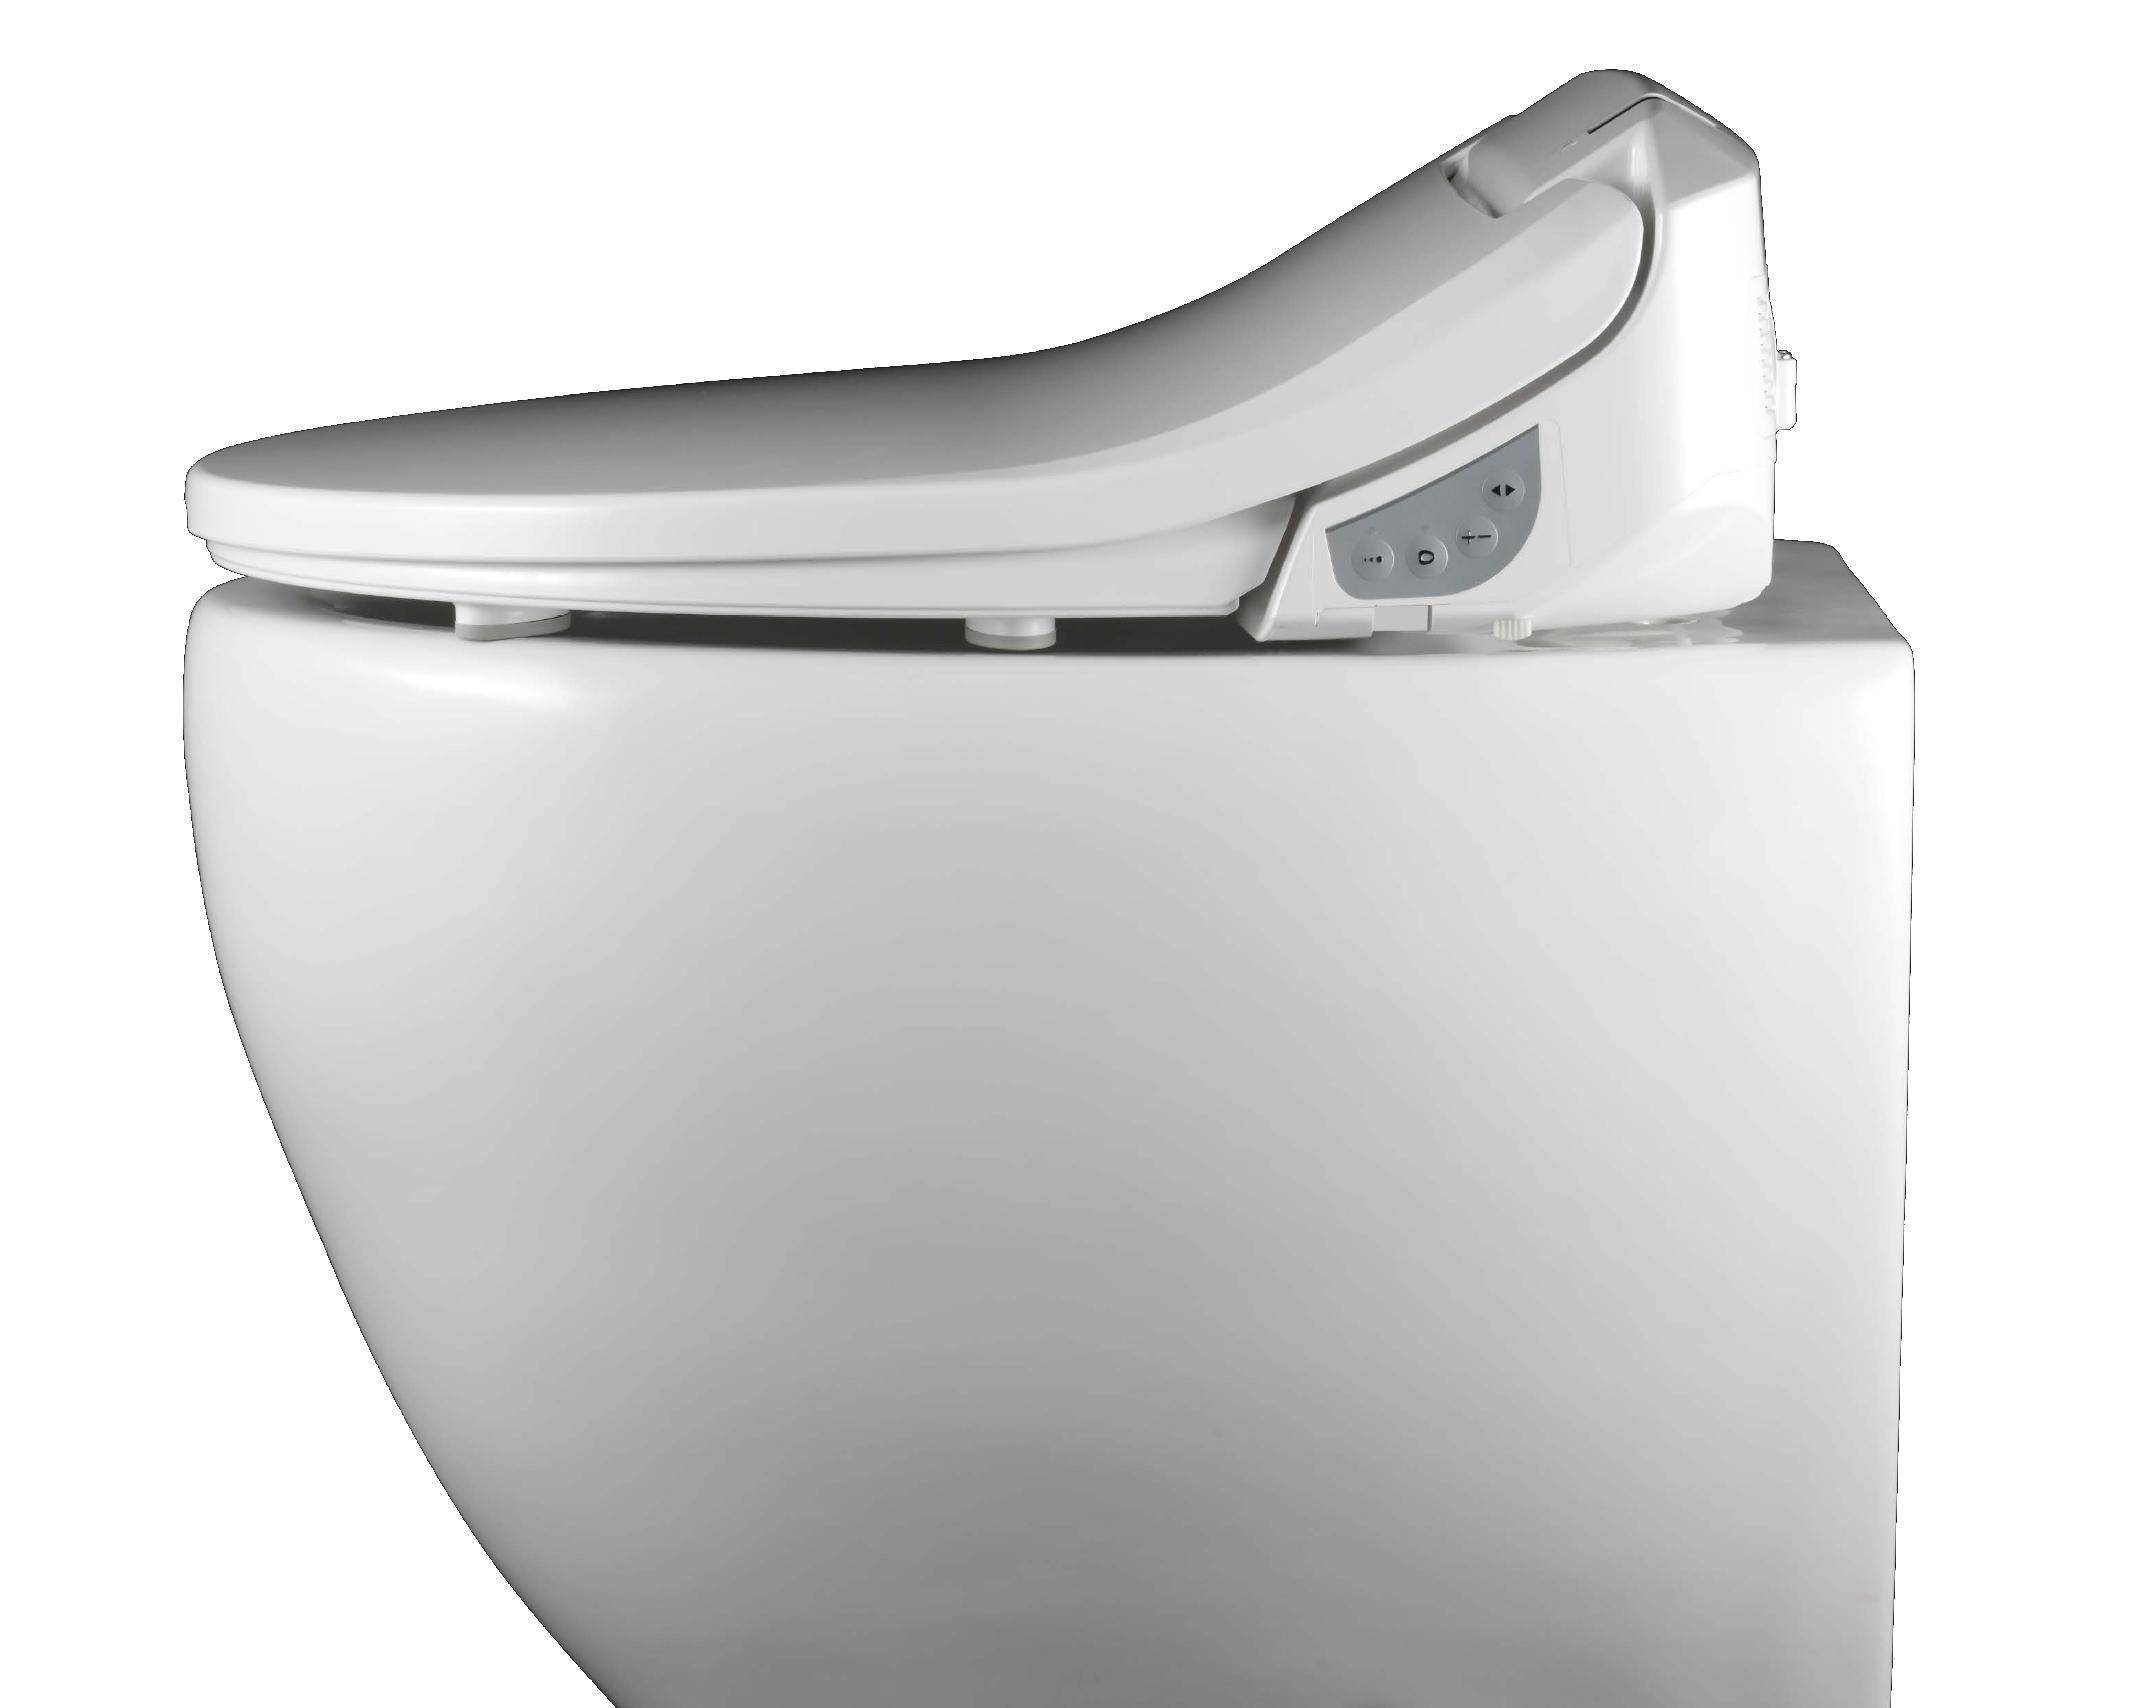 Full Size of Aquamano Dusch Wc Gert Zur Nachrstung Medicalshop Direct Dusche Unterputz Rainshower Ebenerdige Walkin Bodenebene Duschöl Hüppe Duschen Haltegriff Dusche Dusch Wc Aufsatz